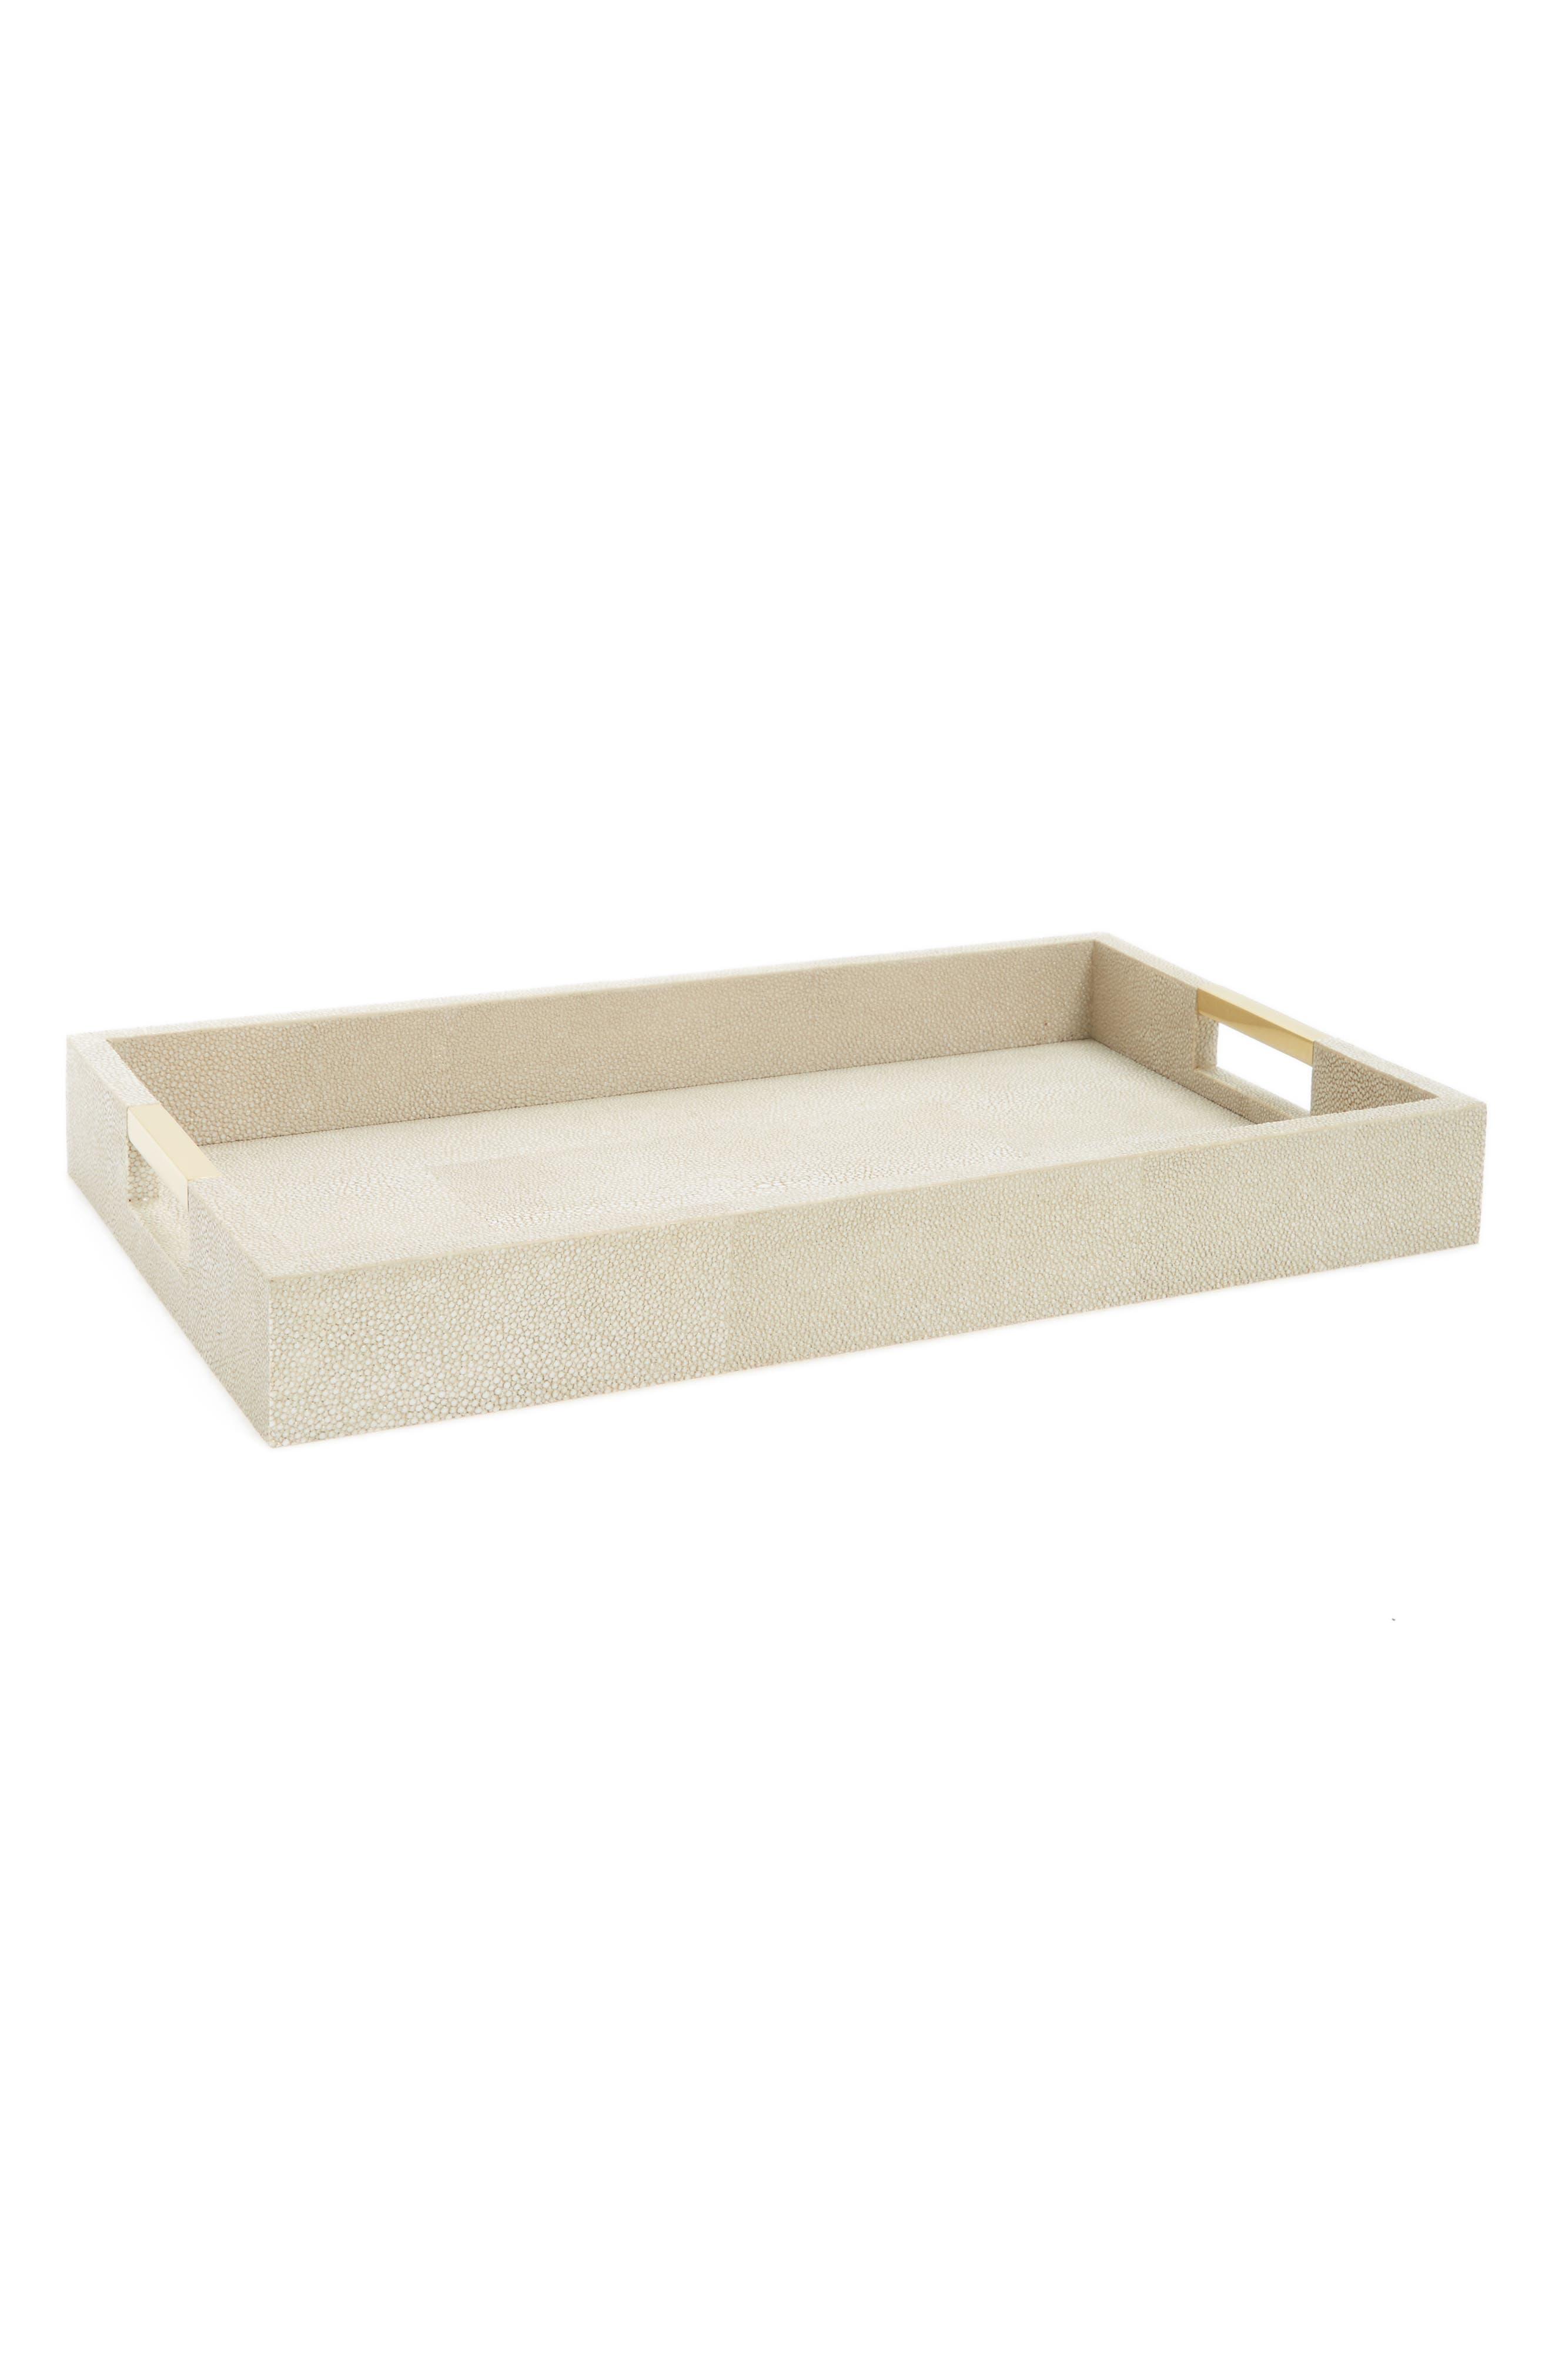 AERIN Shagreen Desk Tray